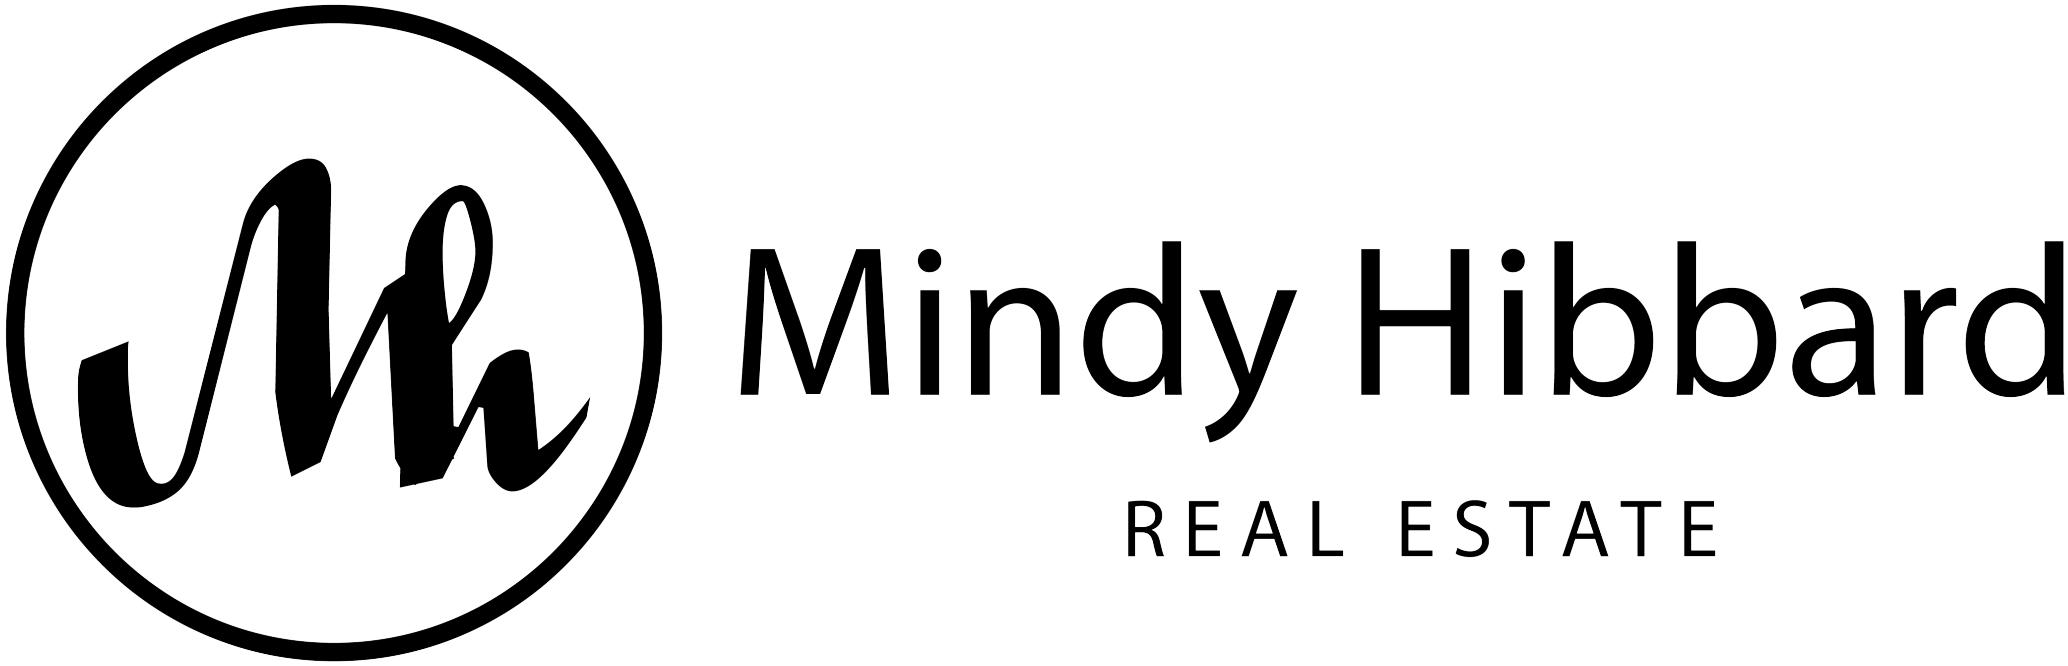 Mindy Hibbard Real Estate